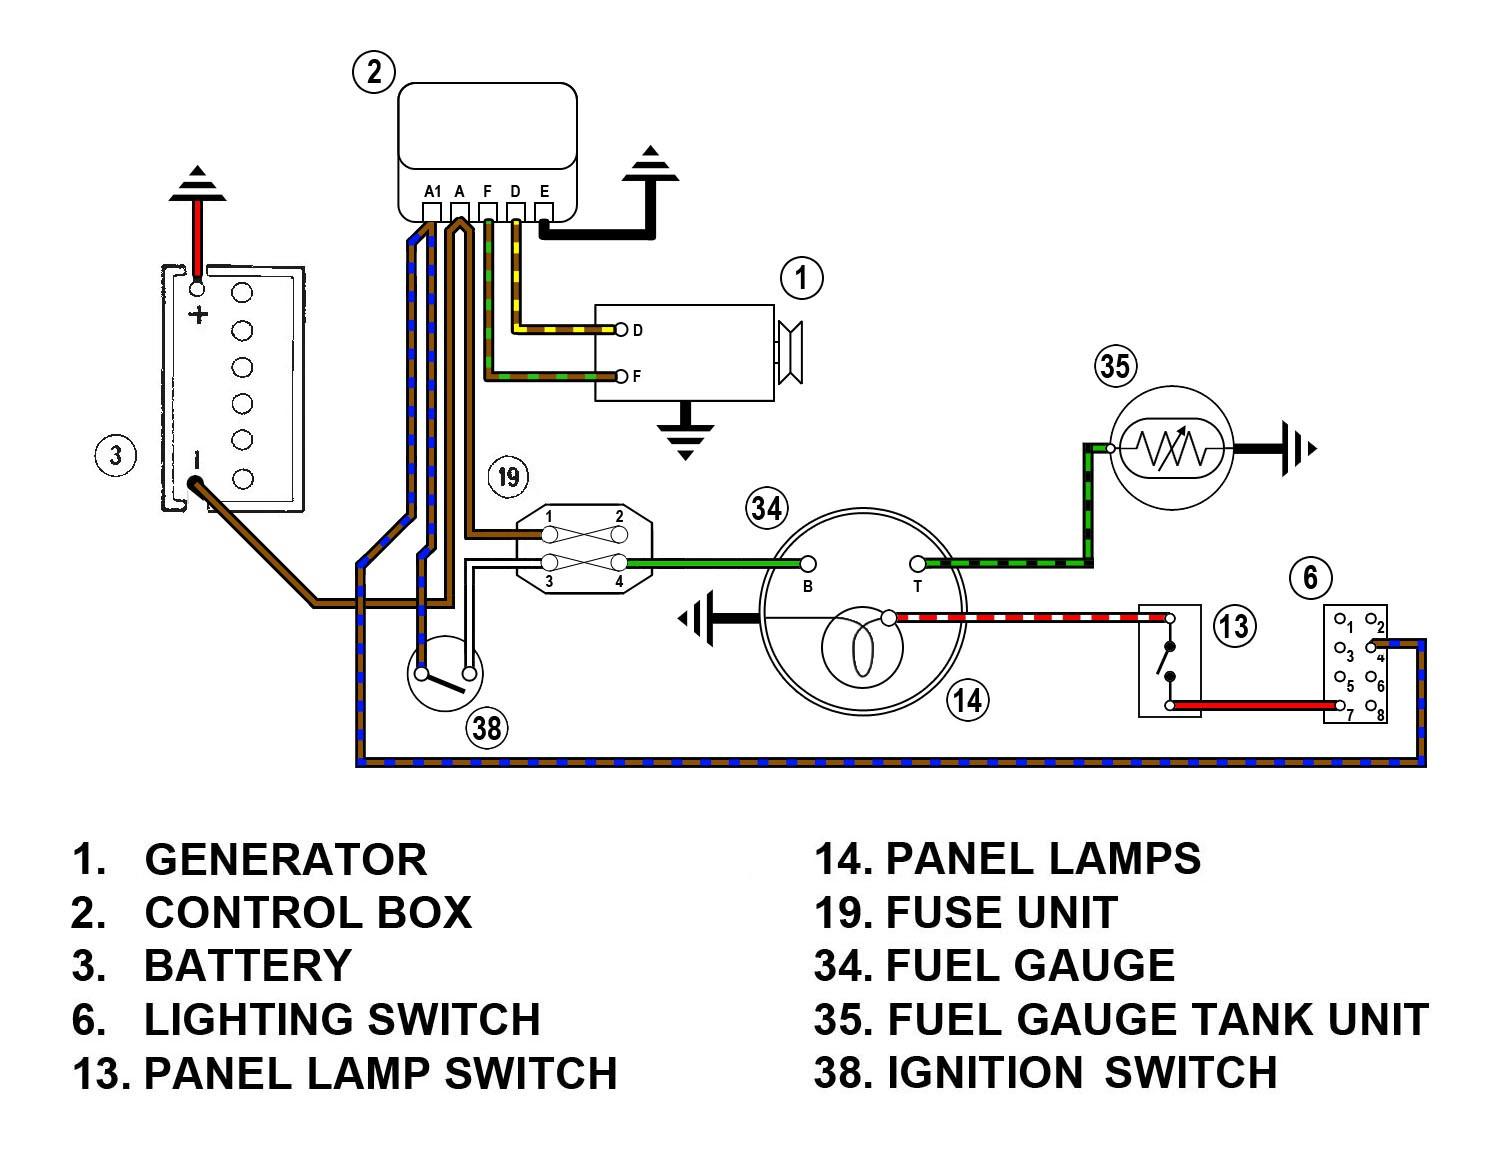 Equus Fuel Gauge Wiring Diagram Canopi regarding Auto Meter Tach Gauge Wiring Diagram